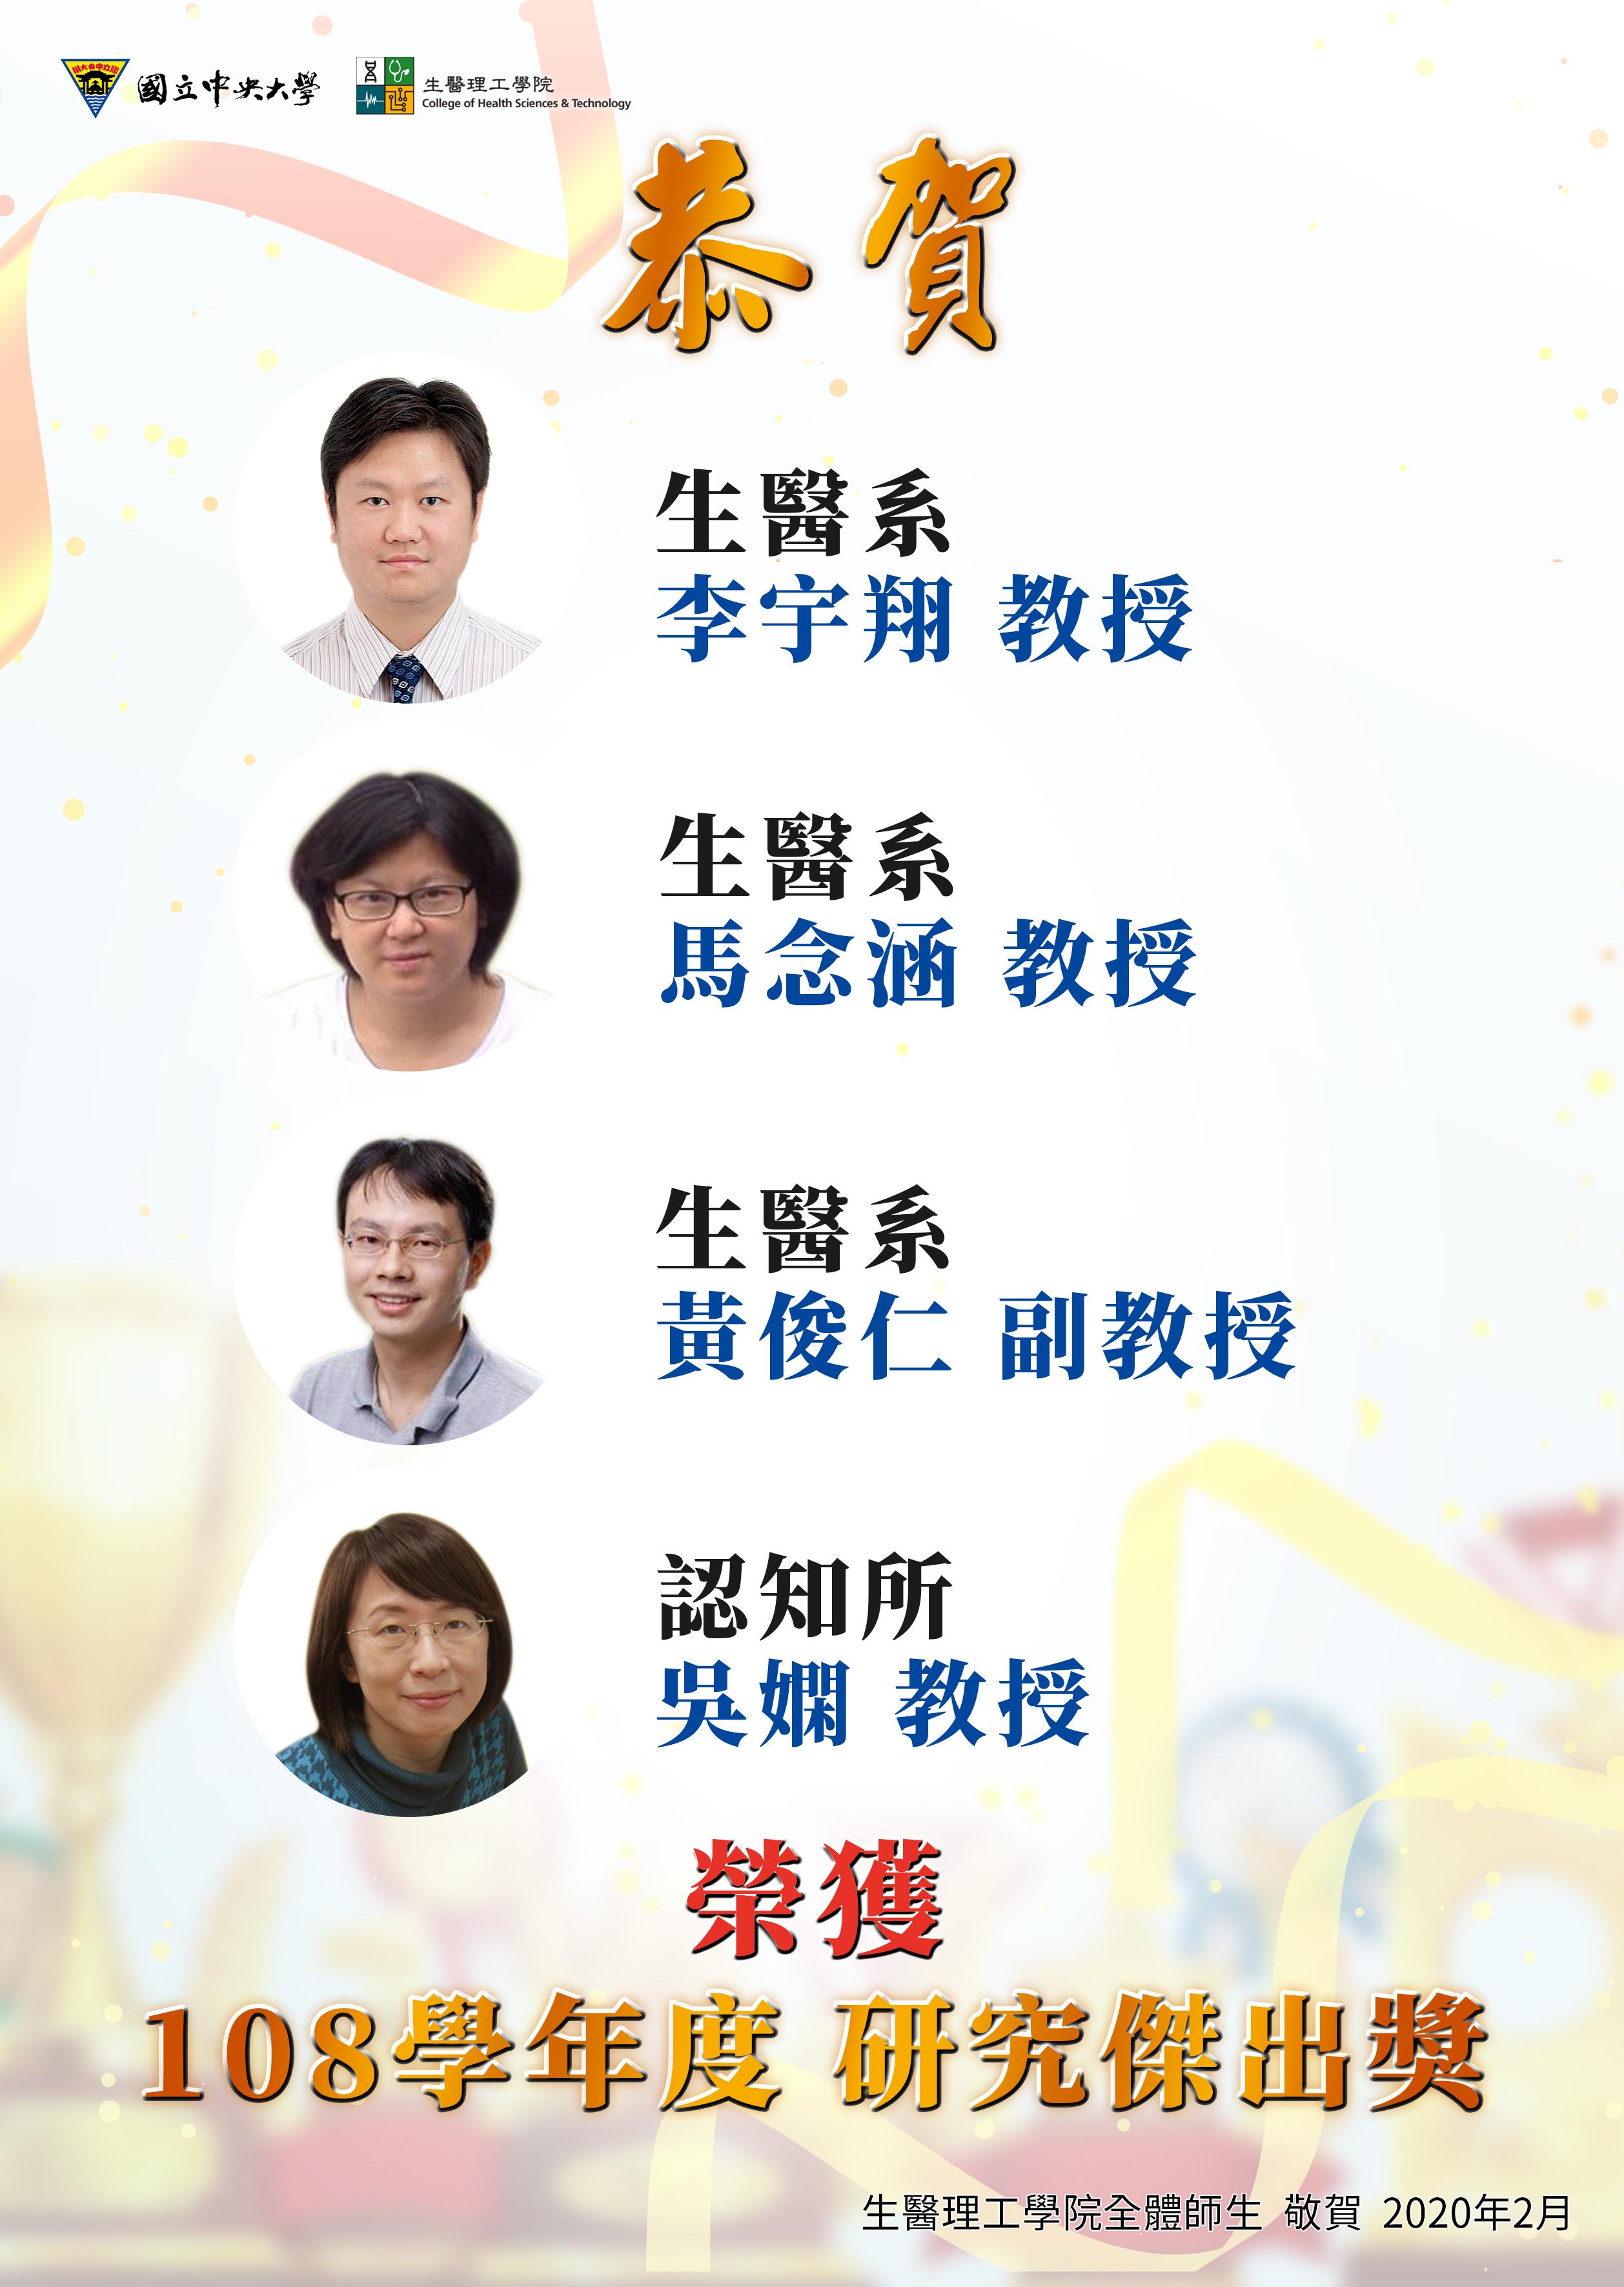 【恭賀】~榮耀~本院教師獲108學年度國立中央大學「研究傑出獎」